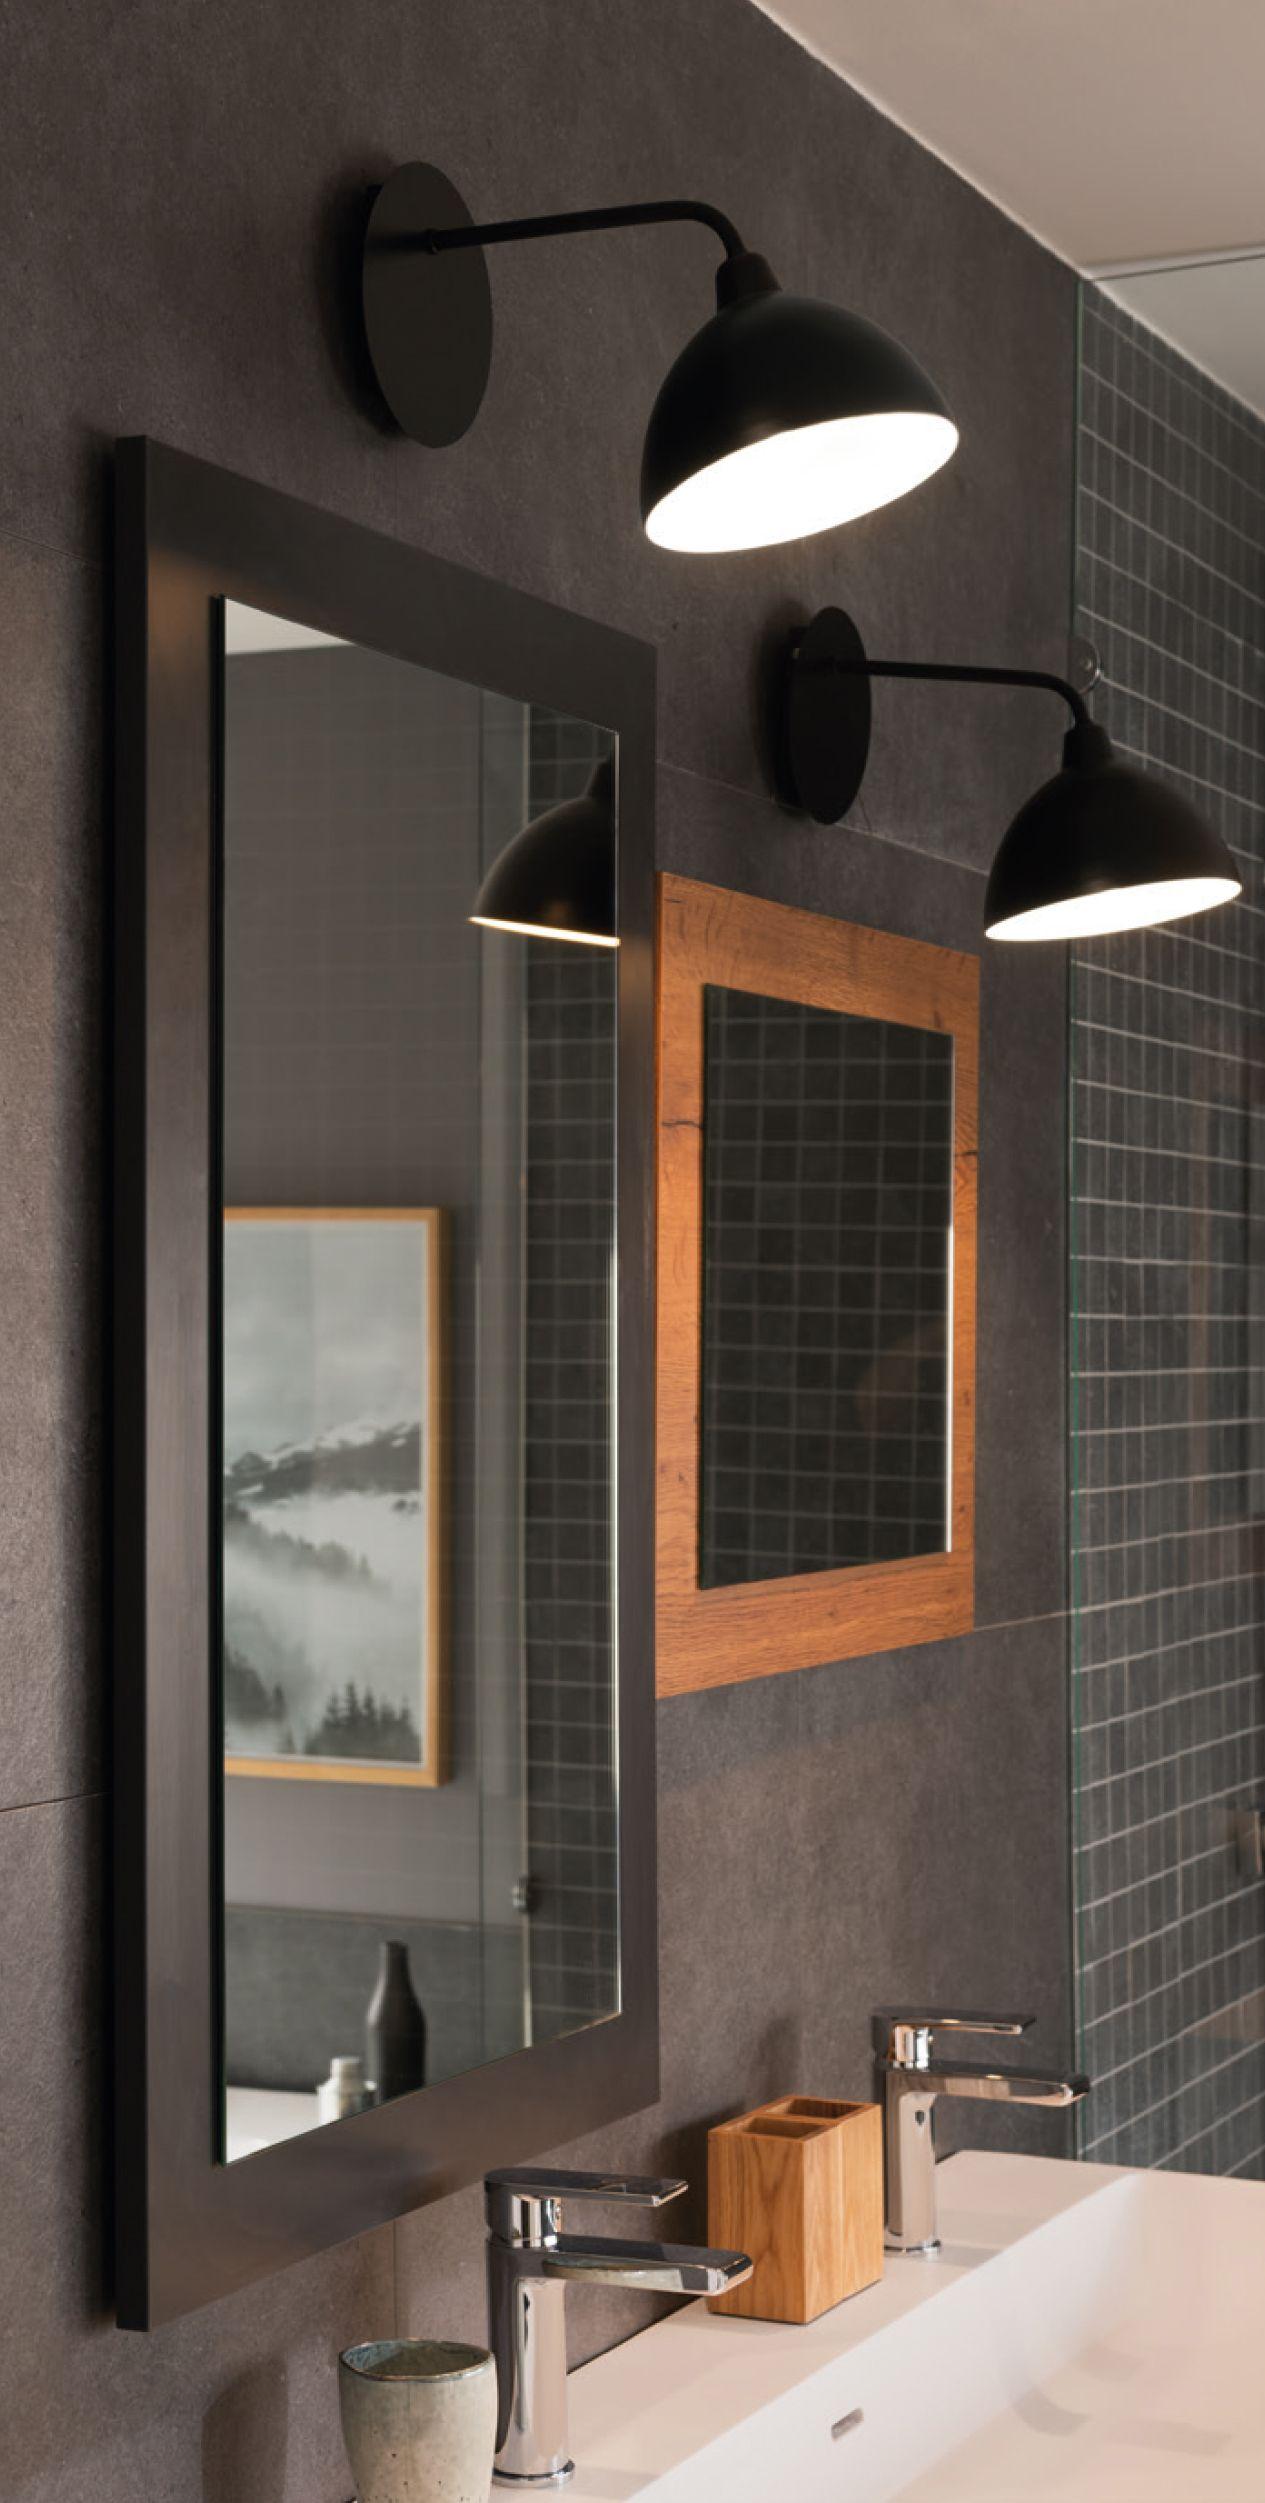 Clair obscur  Miroir salle de bain, Luminaire salle de bain